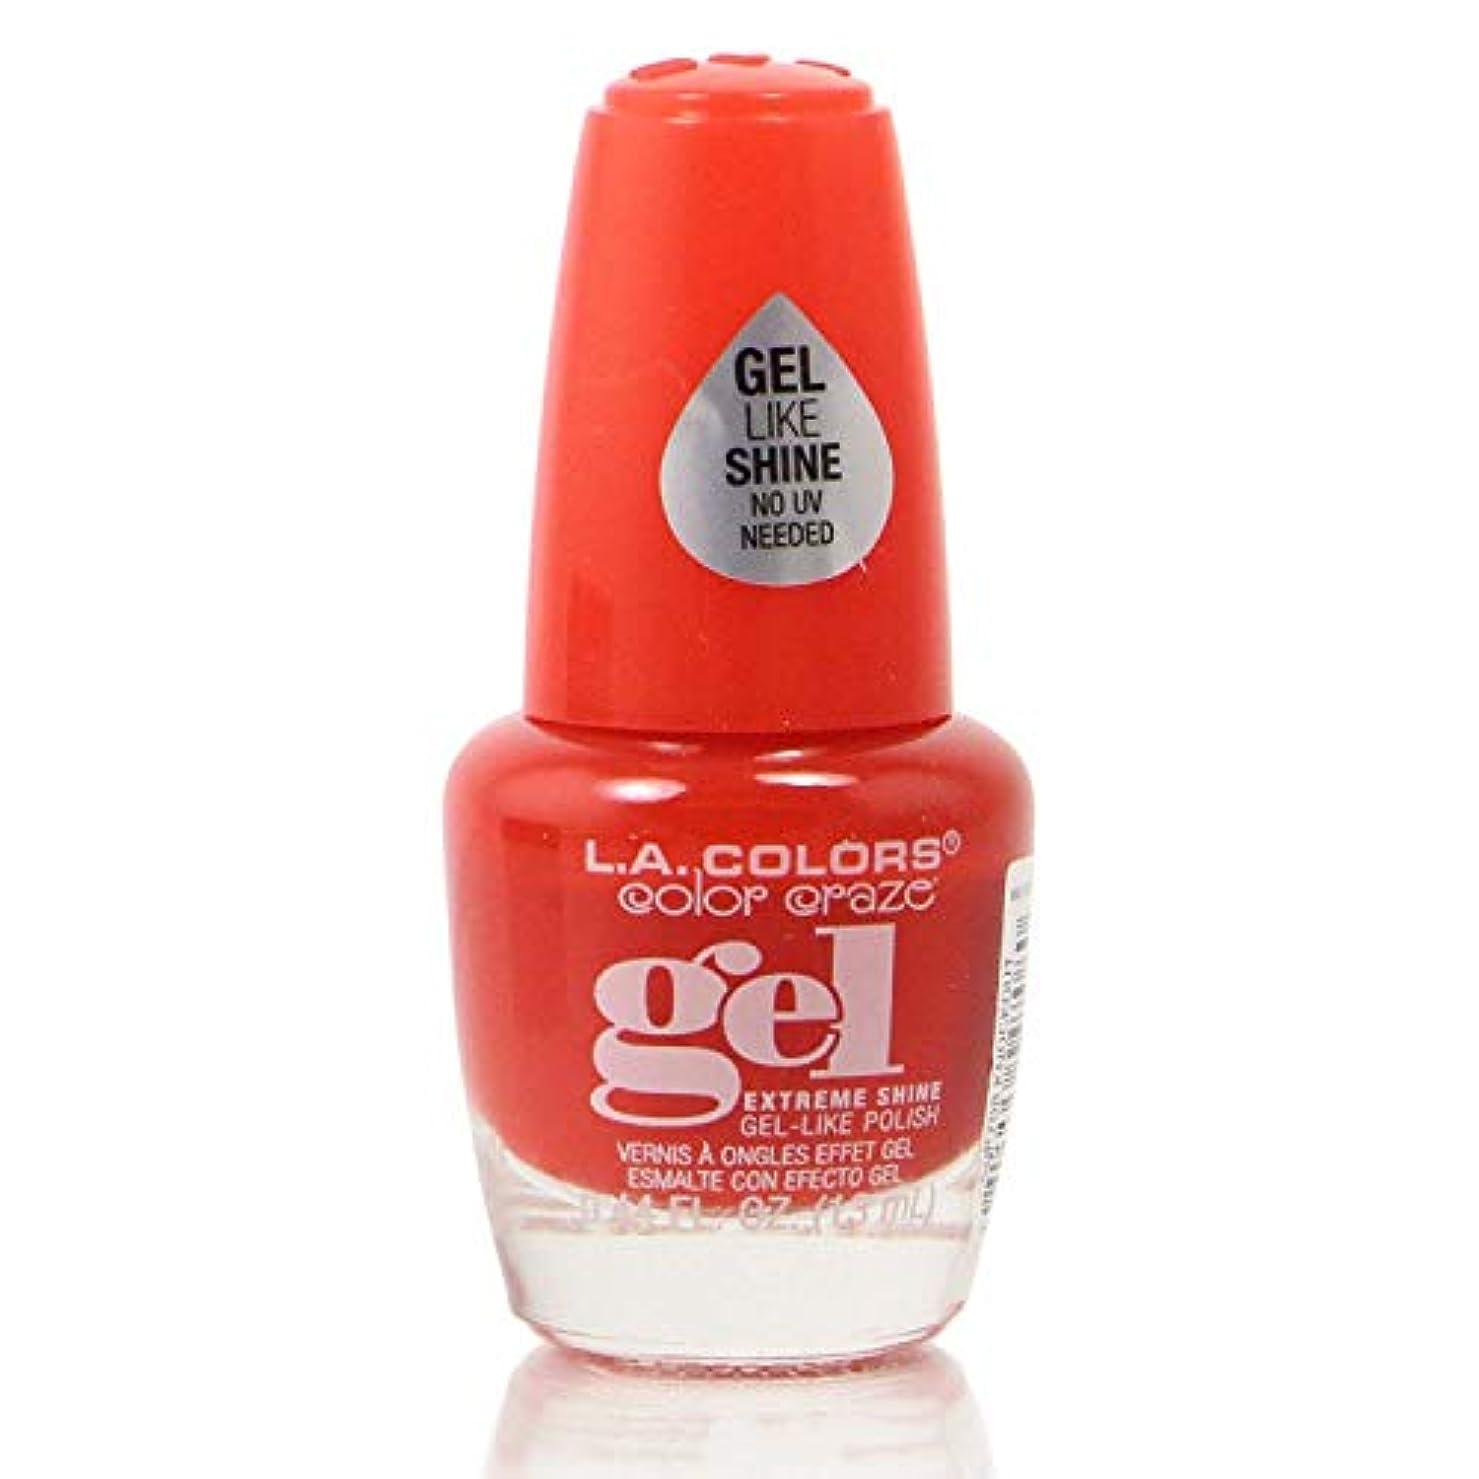 九月フロー餌LA Colors 美容化粧品21 Cnp708美容化粧品21